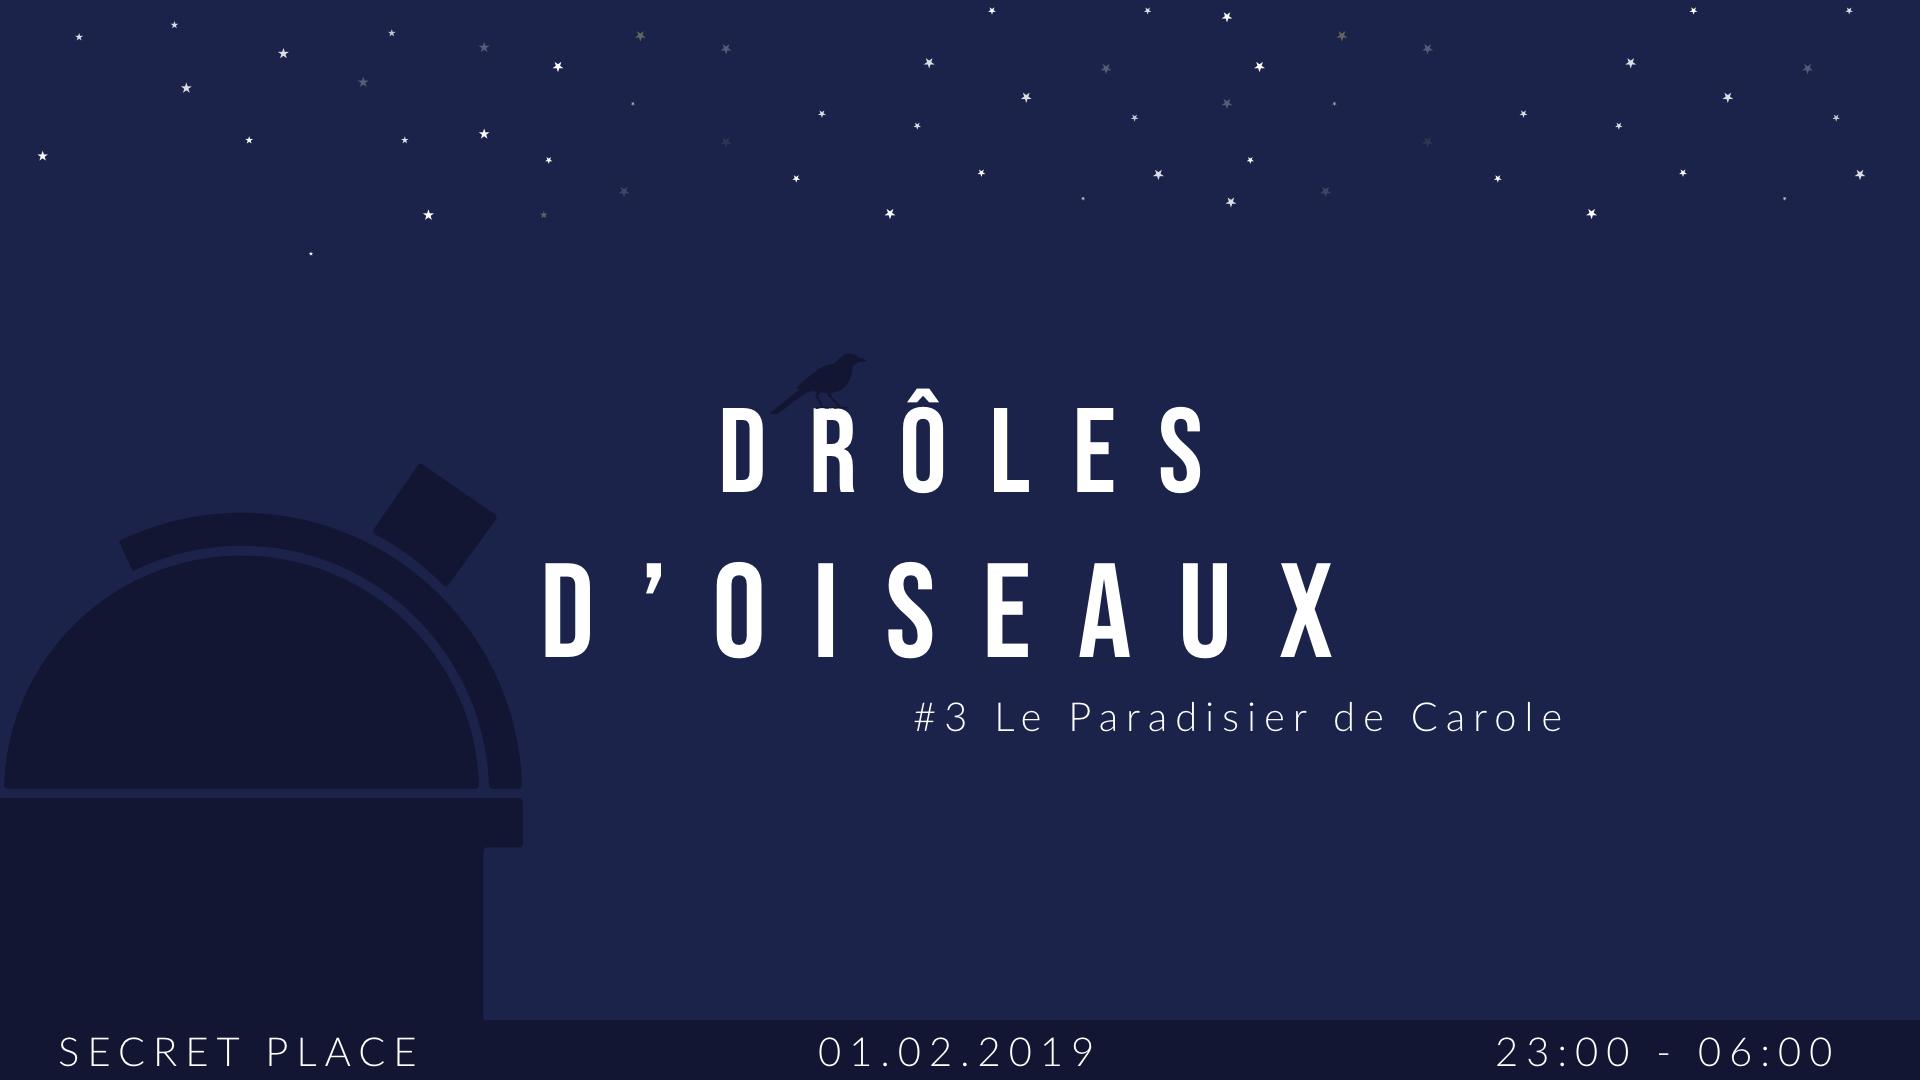 Drôles d'oiseaux #3 Le Paradisier de Carole